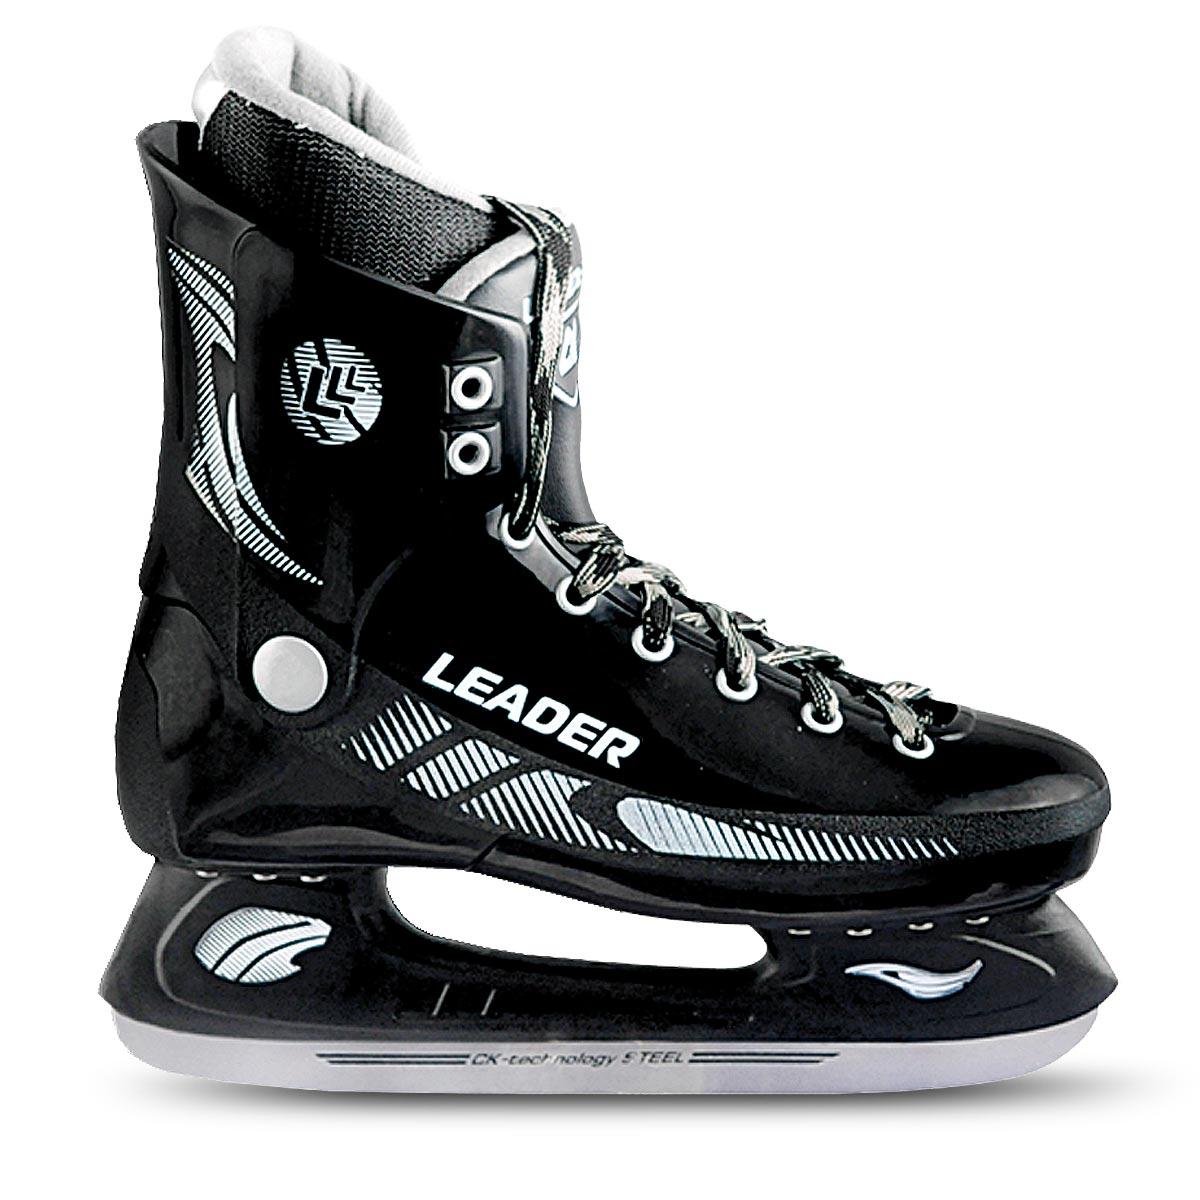 CK Коньки хоккейные для мальчика СК Leader, цвет: черный. Размер 33